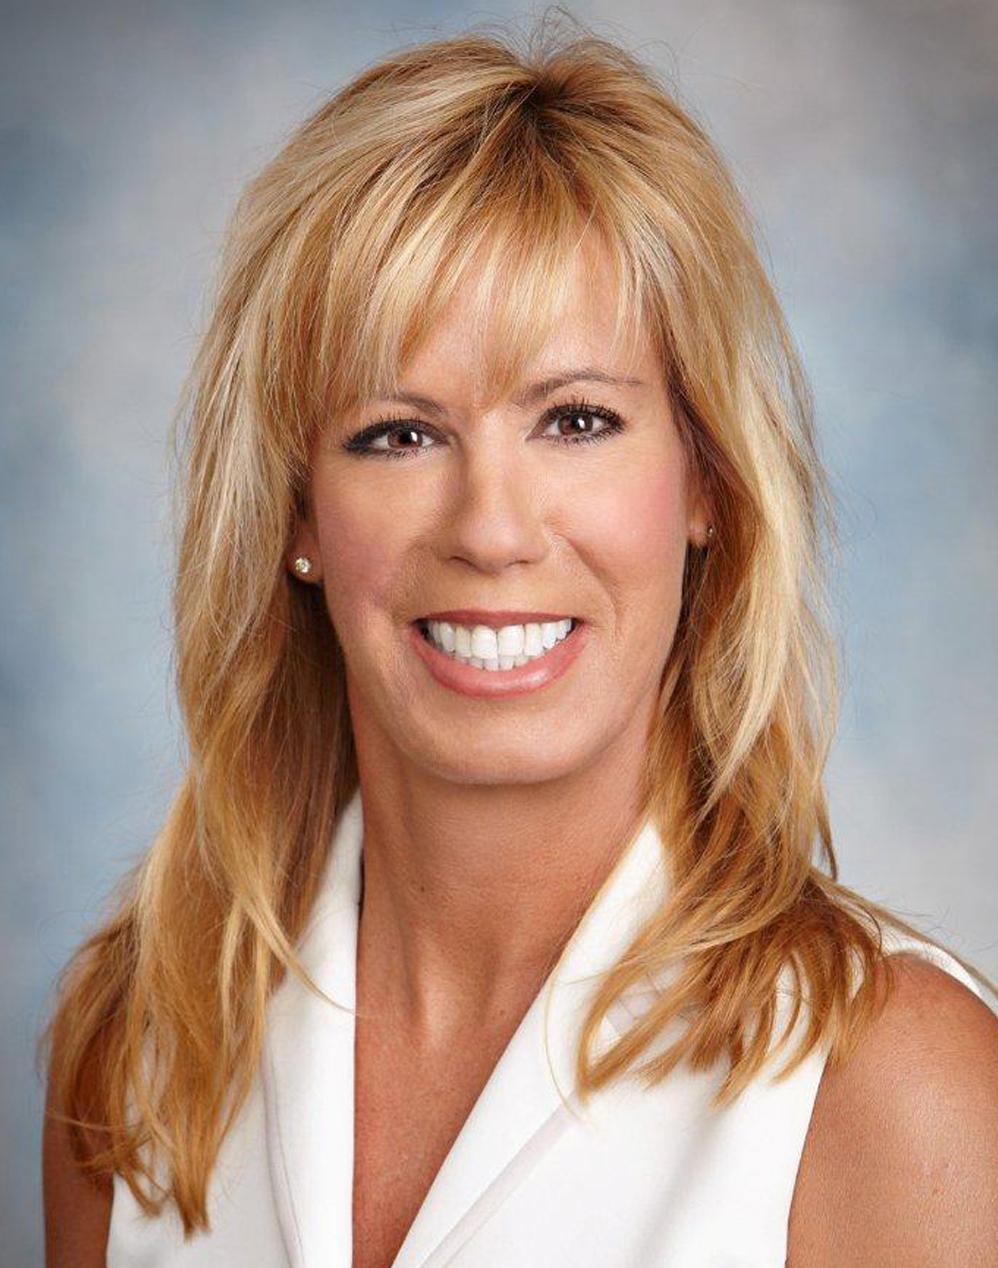 Stephanie Bissett